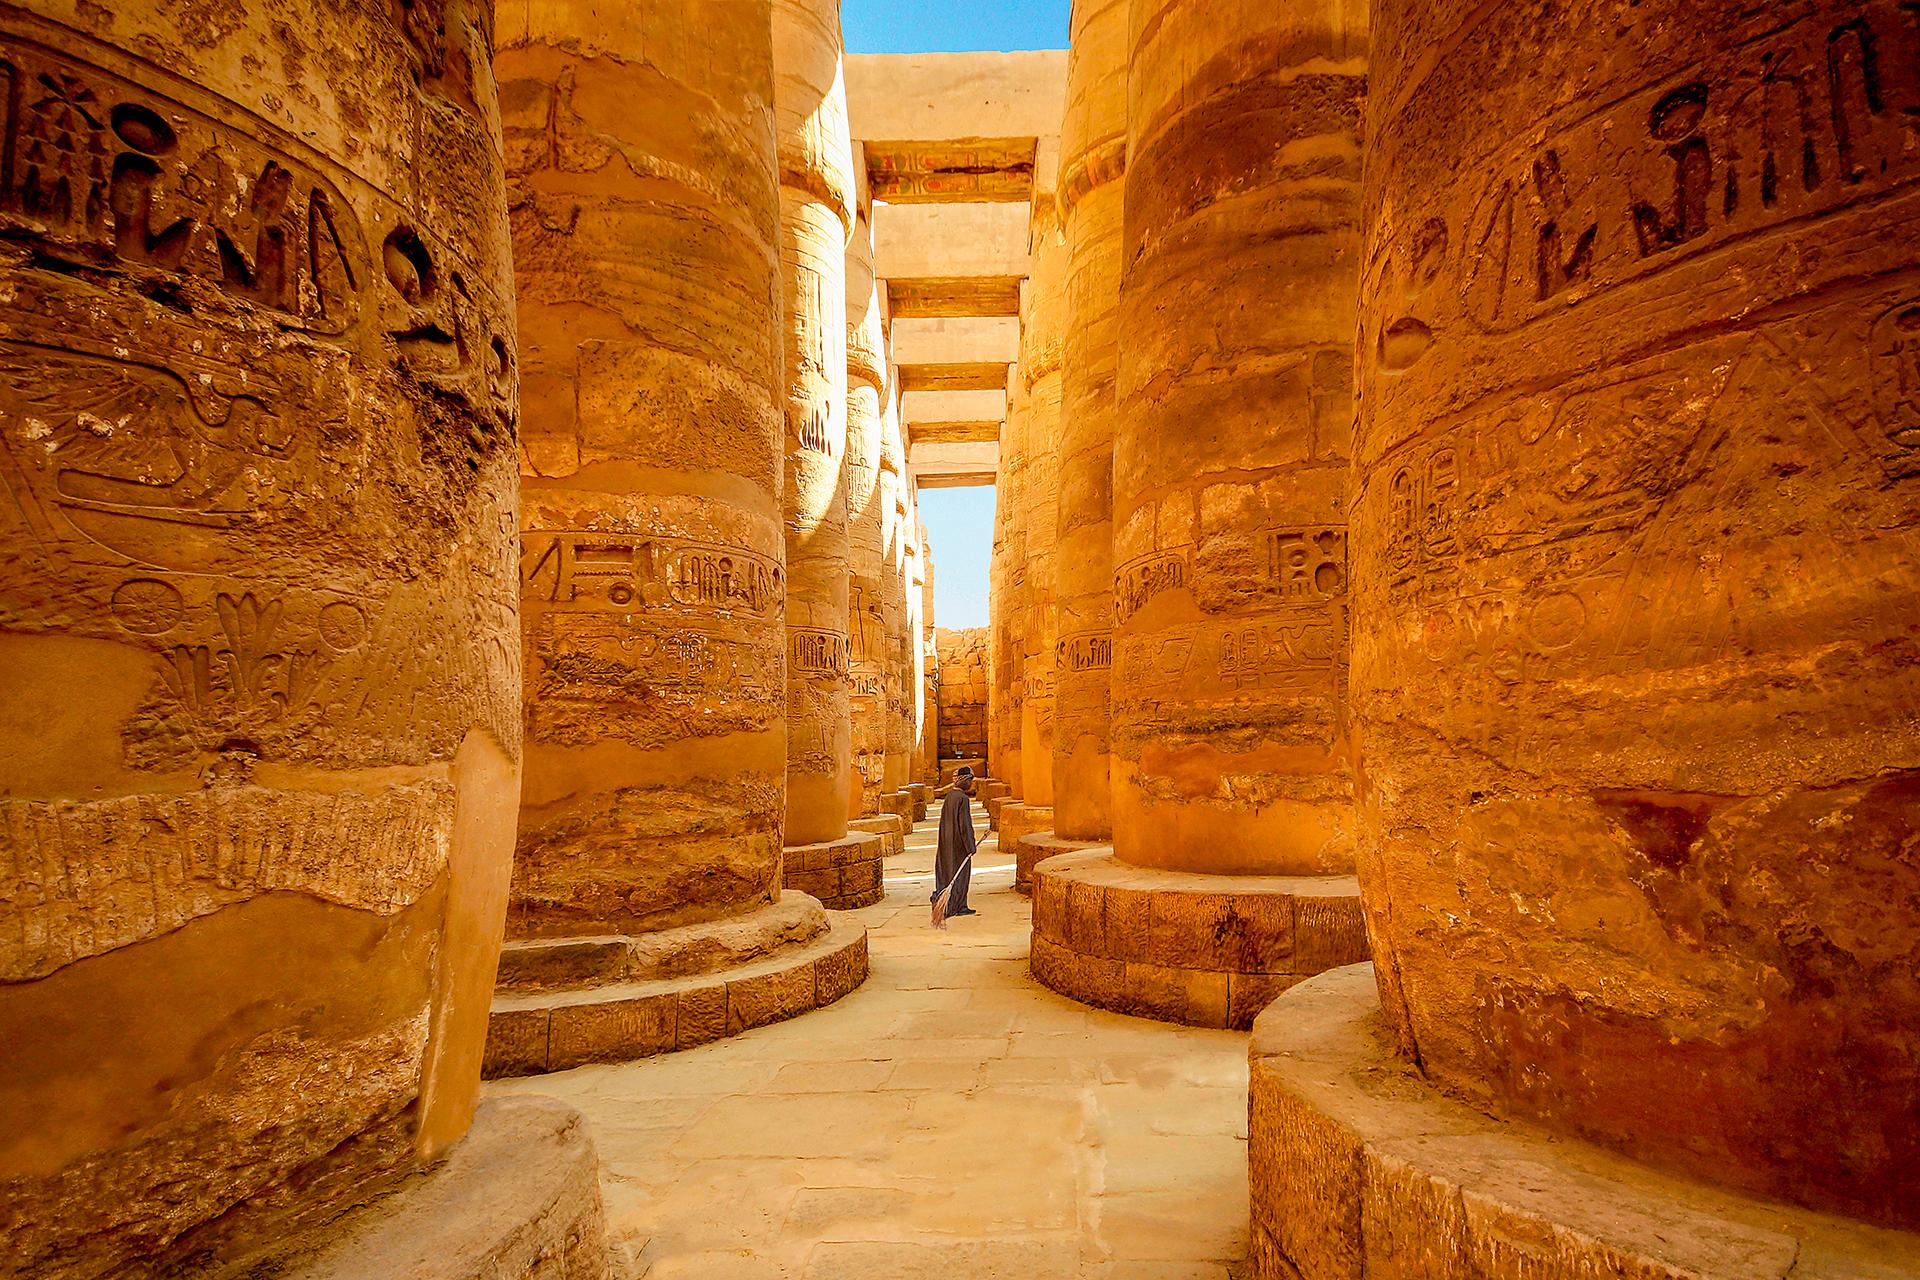 Lúxor se encuentra localizada a 700 kilómetros al sur de El Cairo. La ciudad, con casi 500.000 habitantes, vive básicamente del turismo y de la agricultura. Es la ciudad en la que se concentra el mayor número de monumentos de Egipto. Entre los más destacados se encuentran el Templo de Lúxor, el Templo de Karnak, el Valle de los Reyes y el de Las Reinas, y los Colosos de Memnón